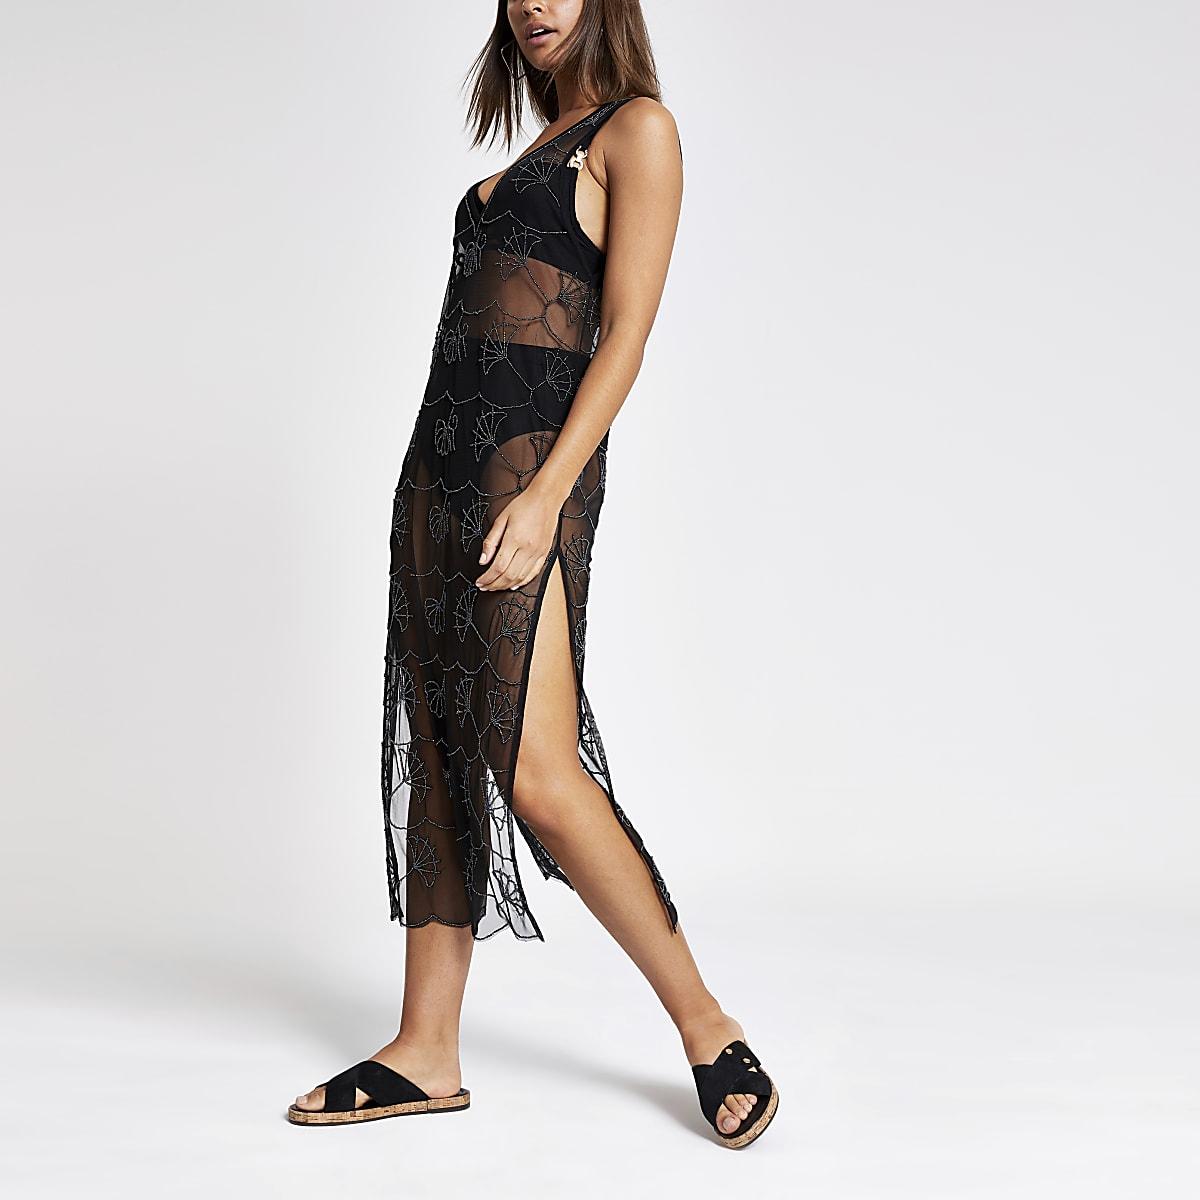 Schwarzes Maxi-Strandkleid mit Verzierung